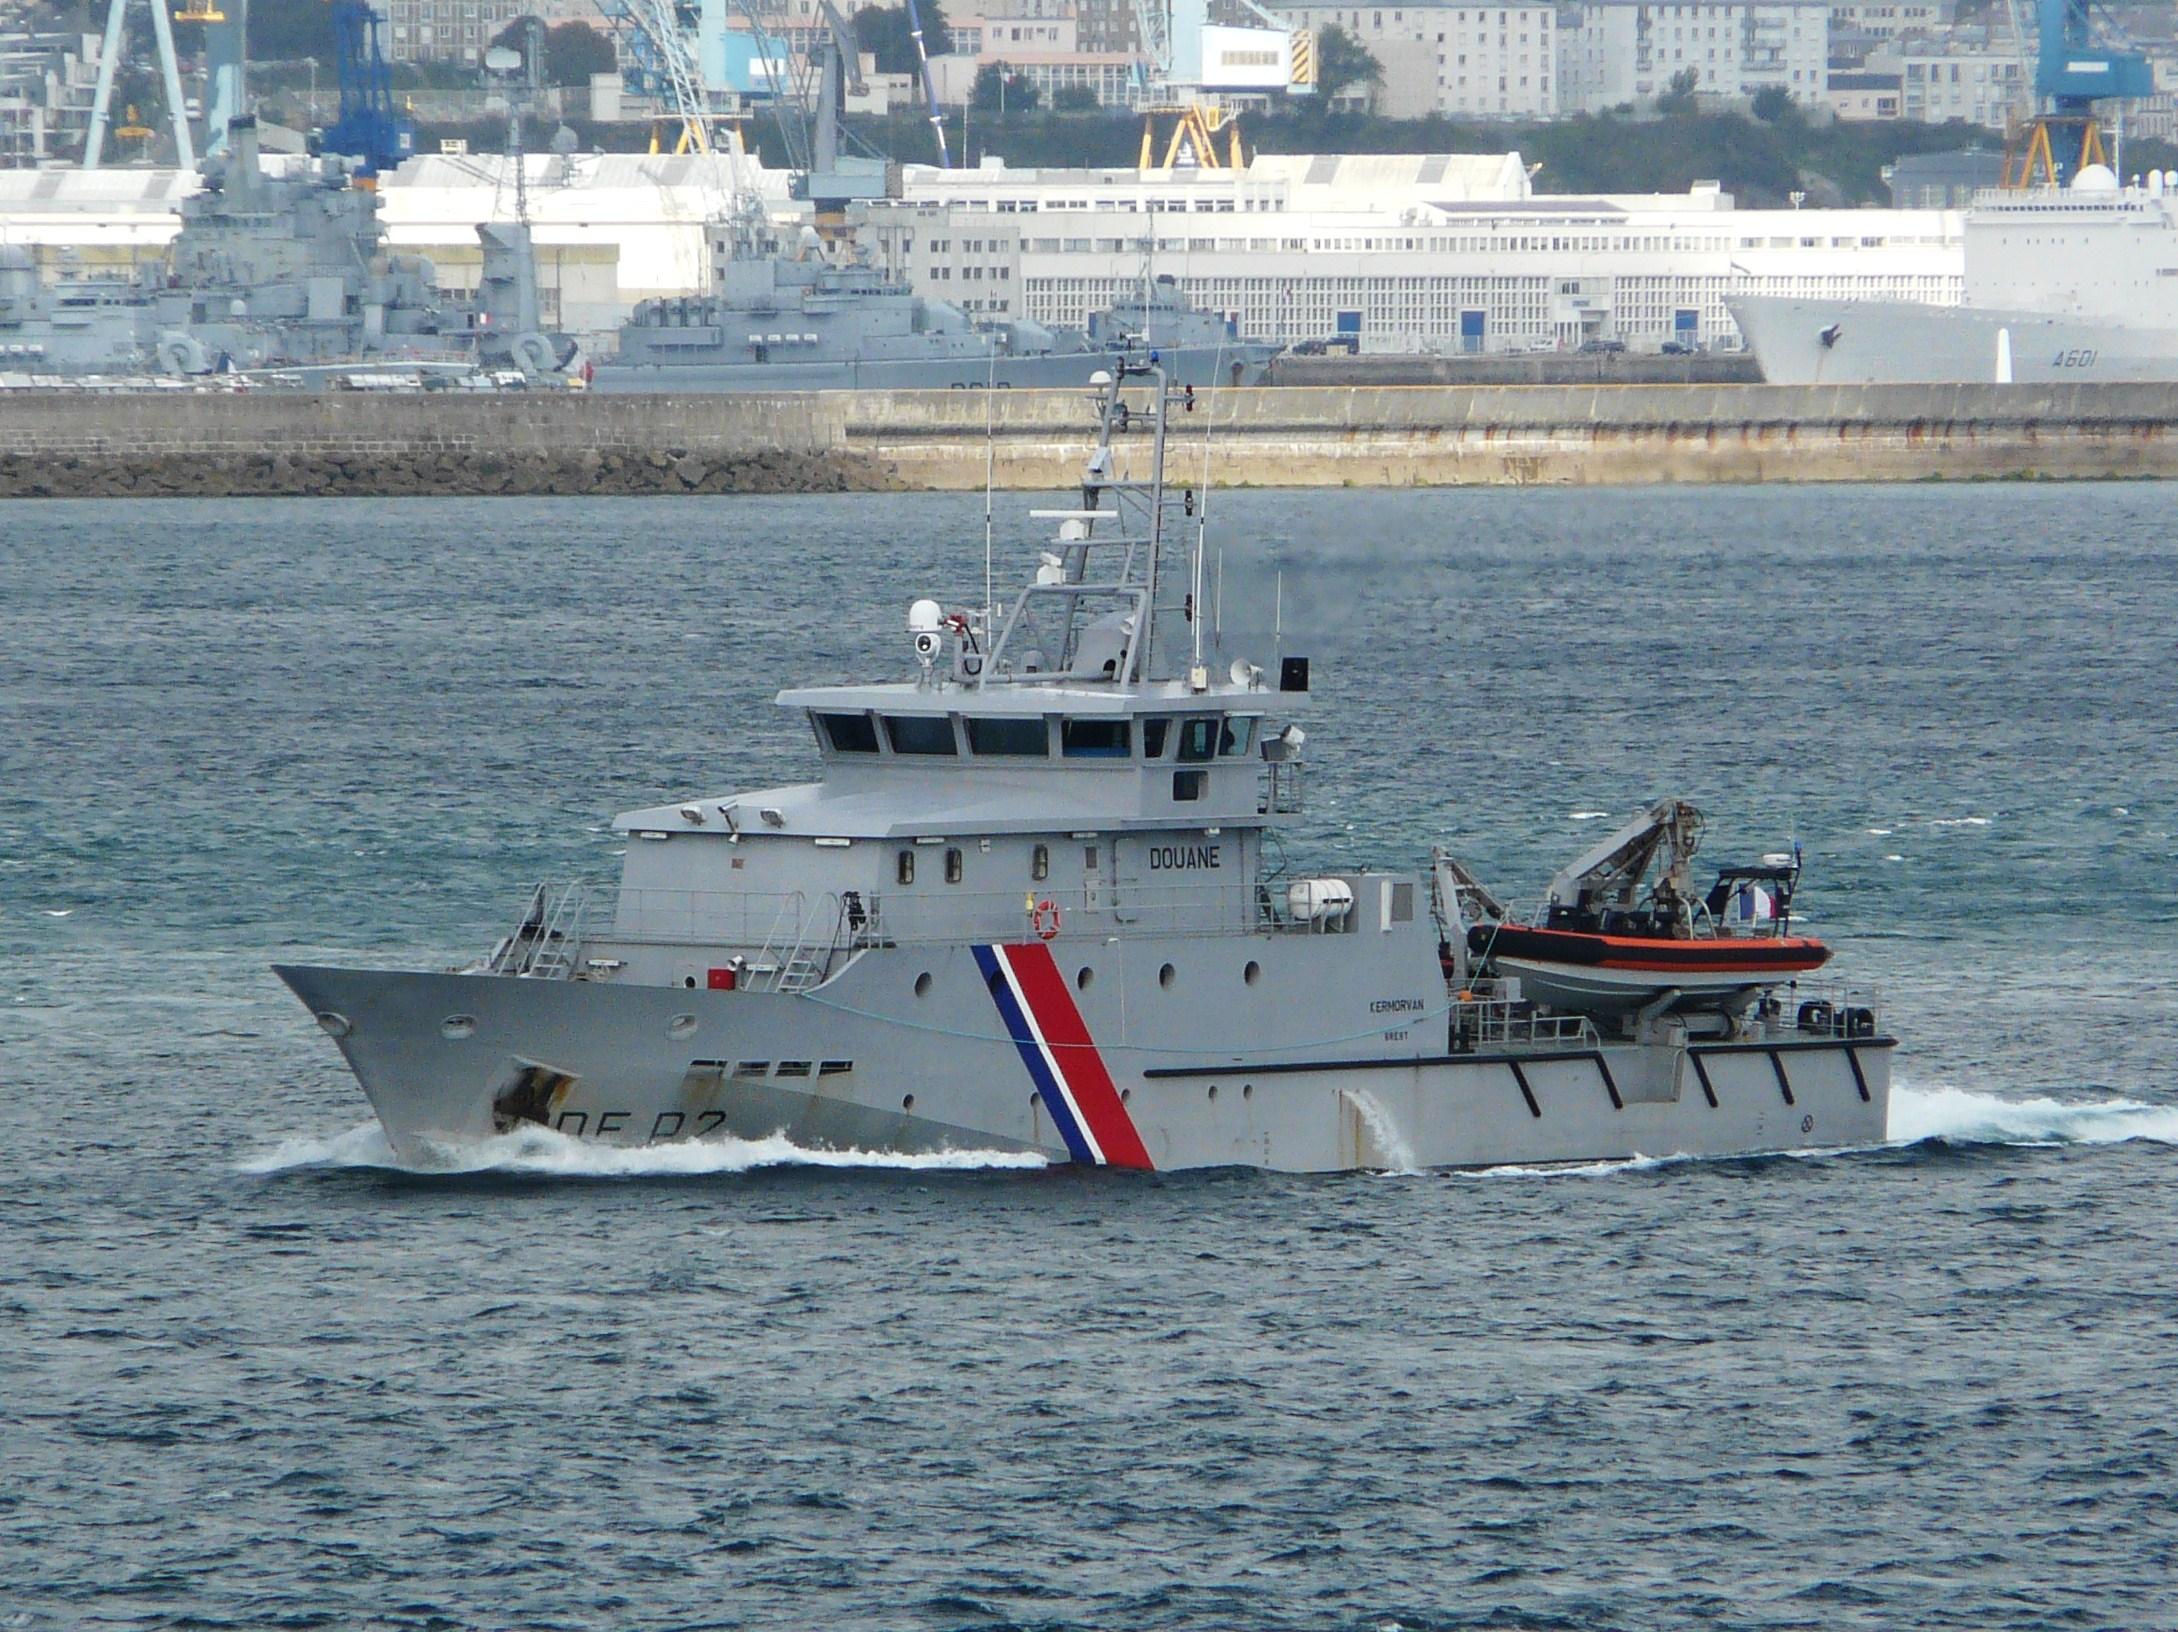 Les patrouilleurs de la Marine Nationale - Page 2 1195568